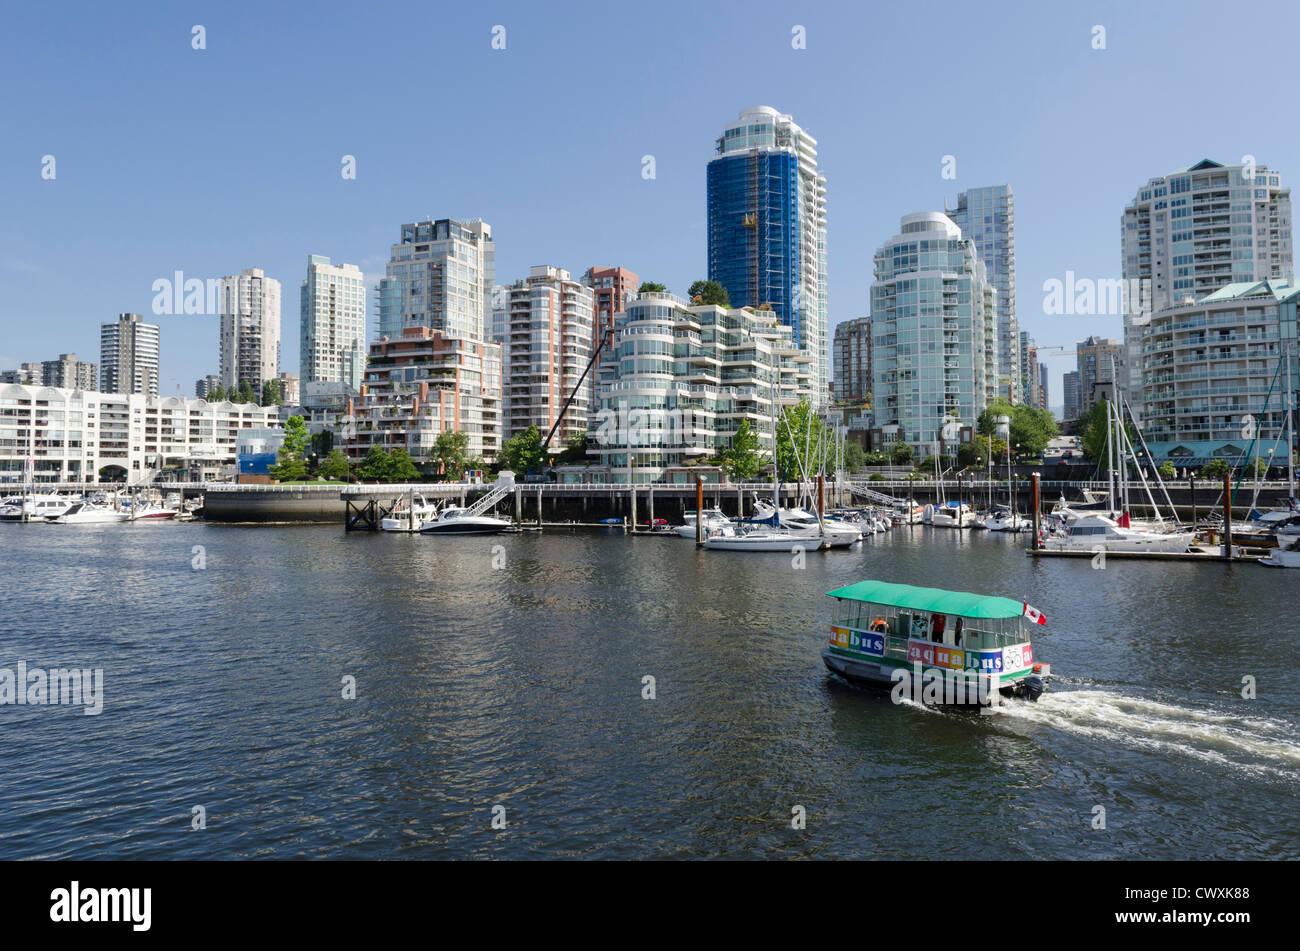 Vue de l'île Granville à l'ensemble pour le centre-ville de Vancouver, Canada Photo Stock